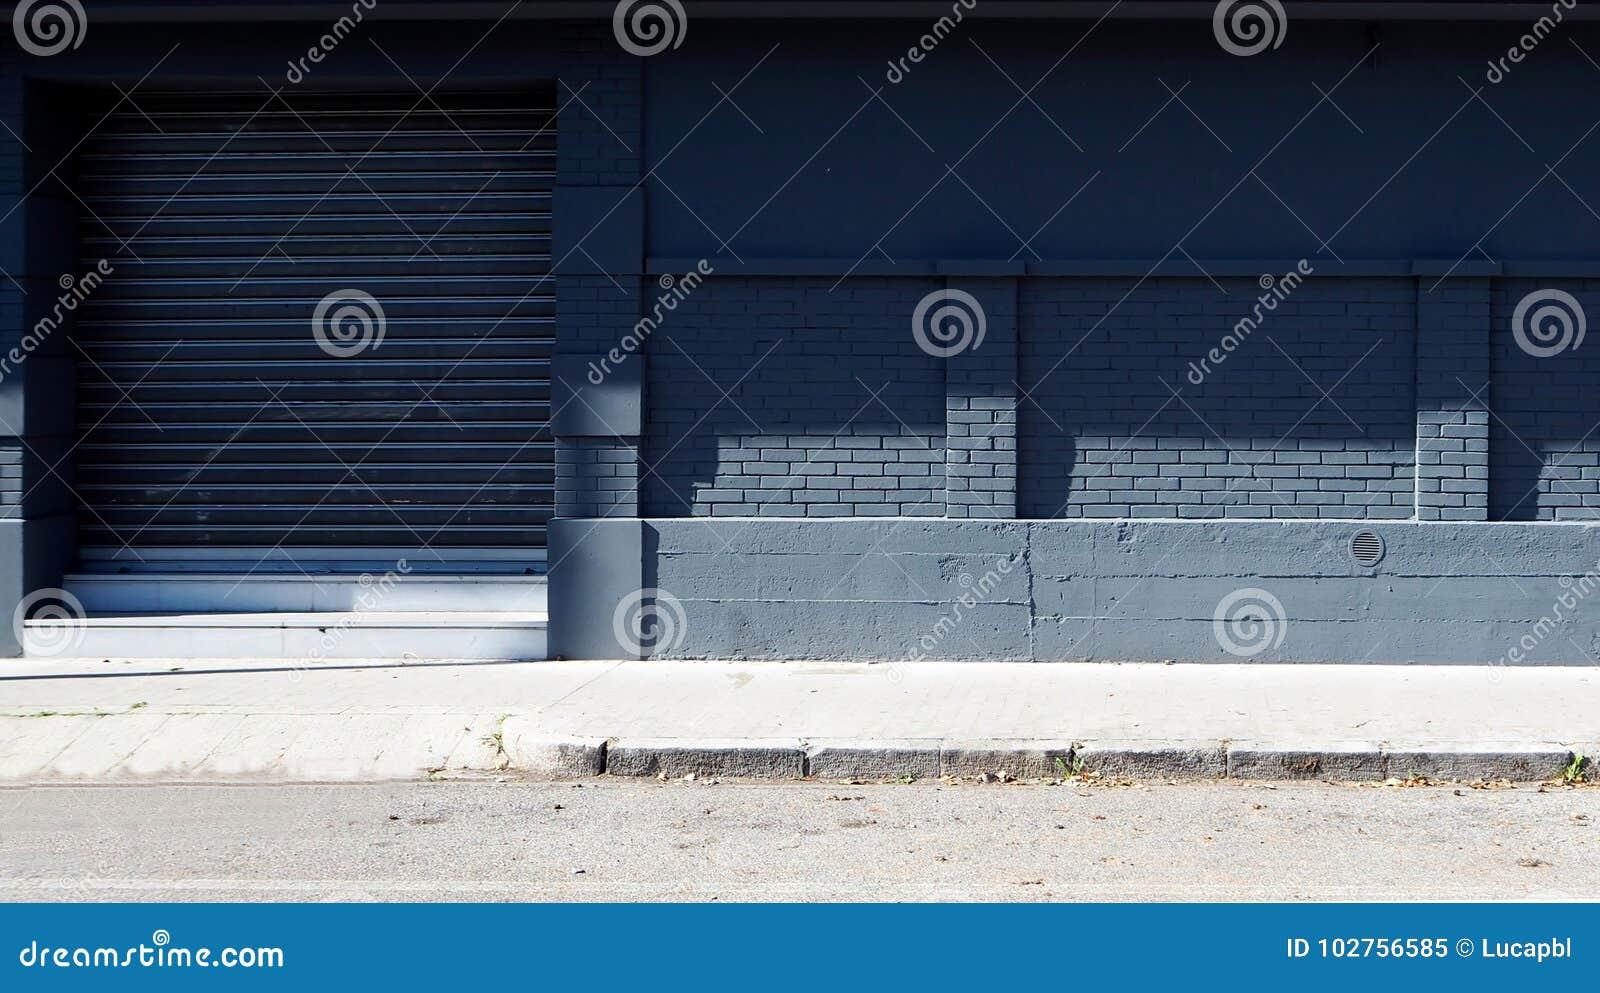 Stedelijke Achtergrond Grijze baksteen en concrete muur met een blind aan de kanten van de straat